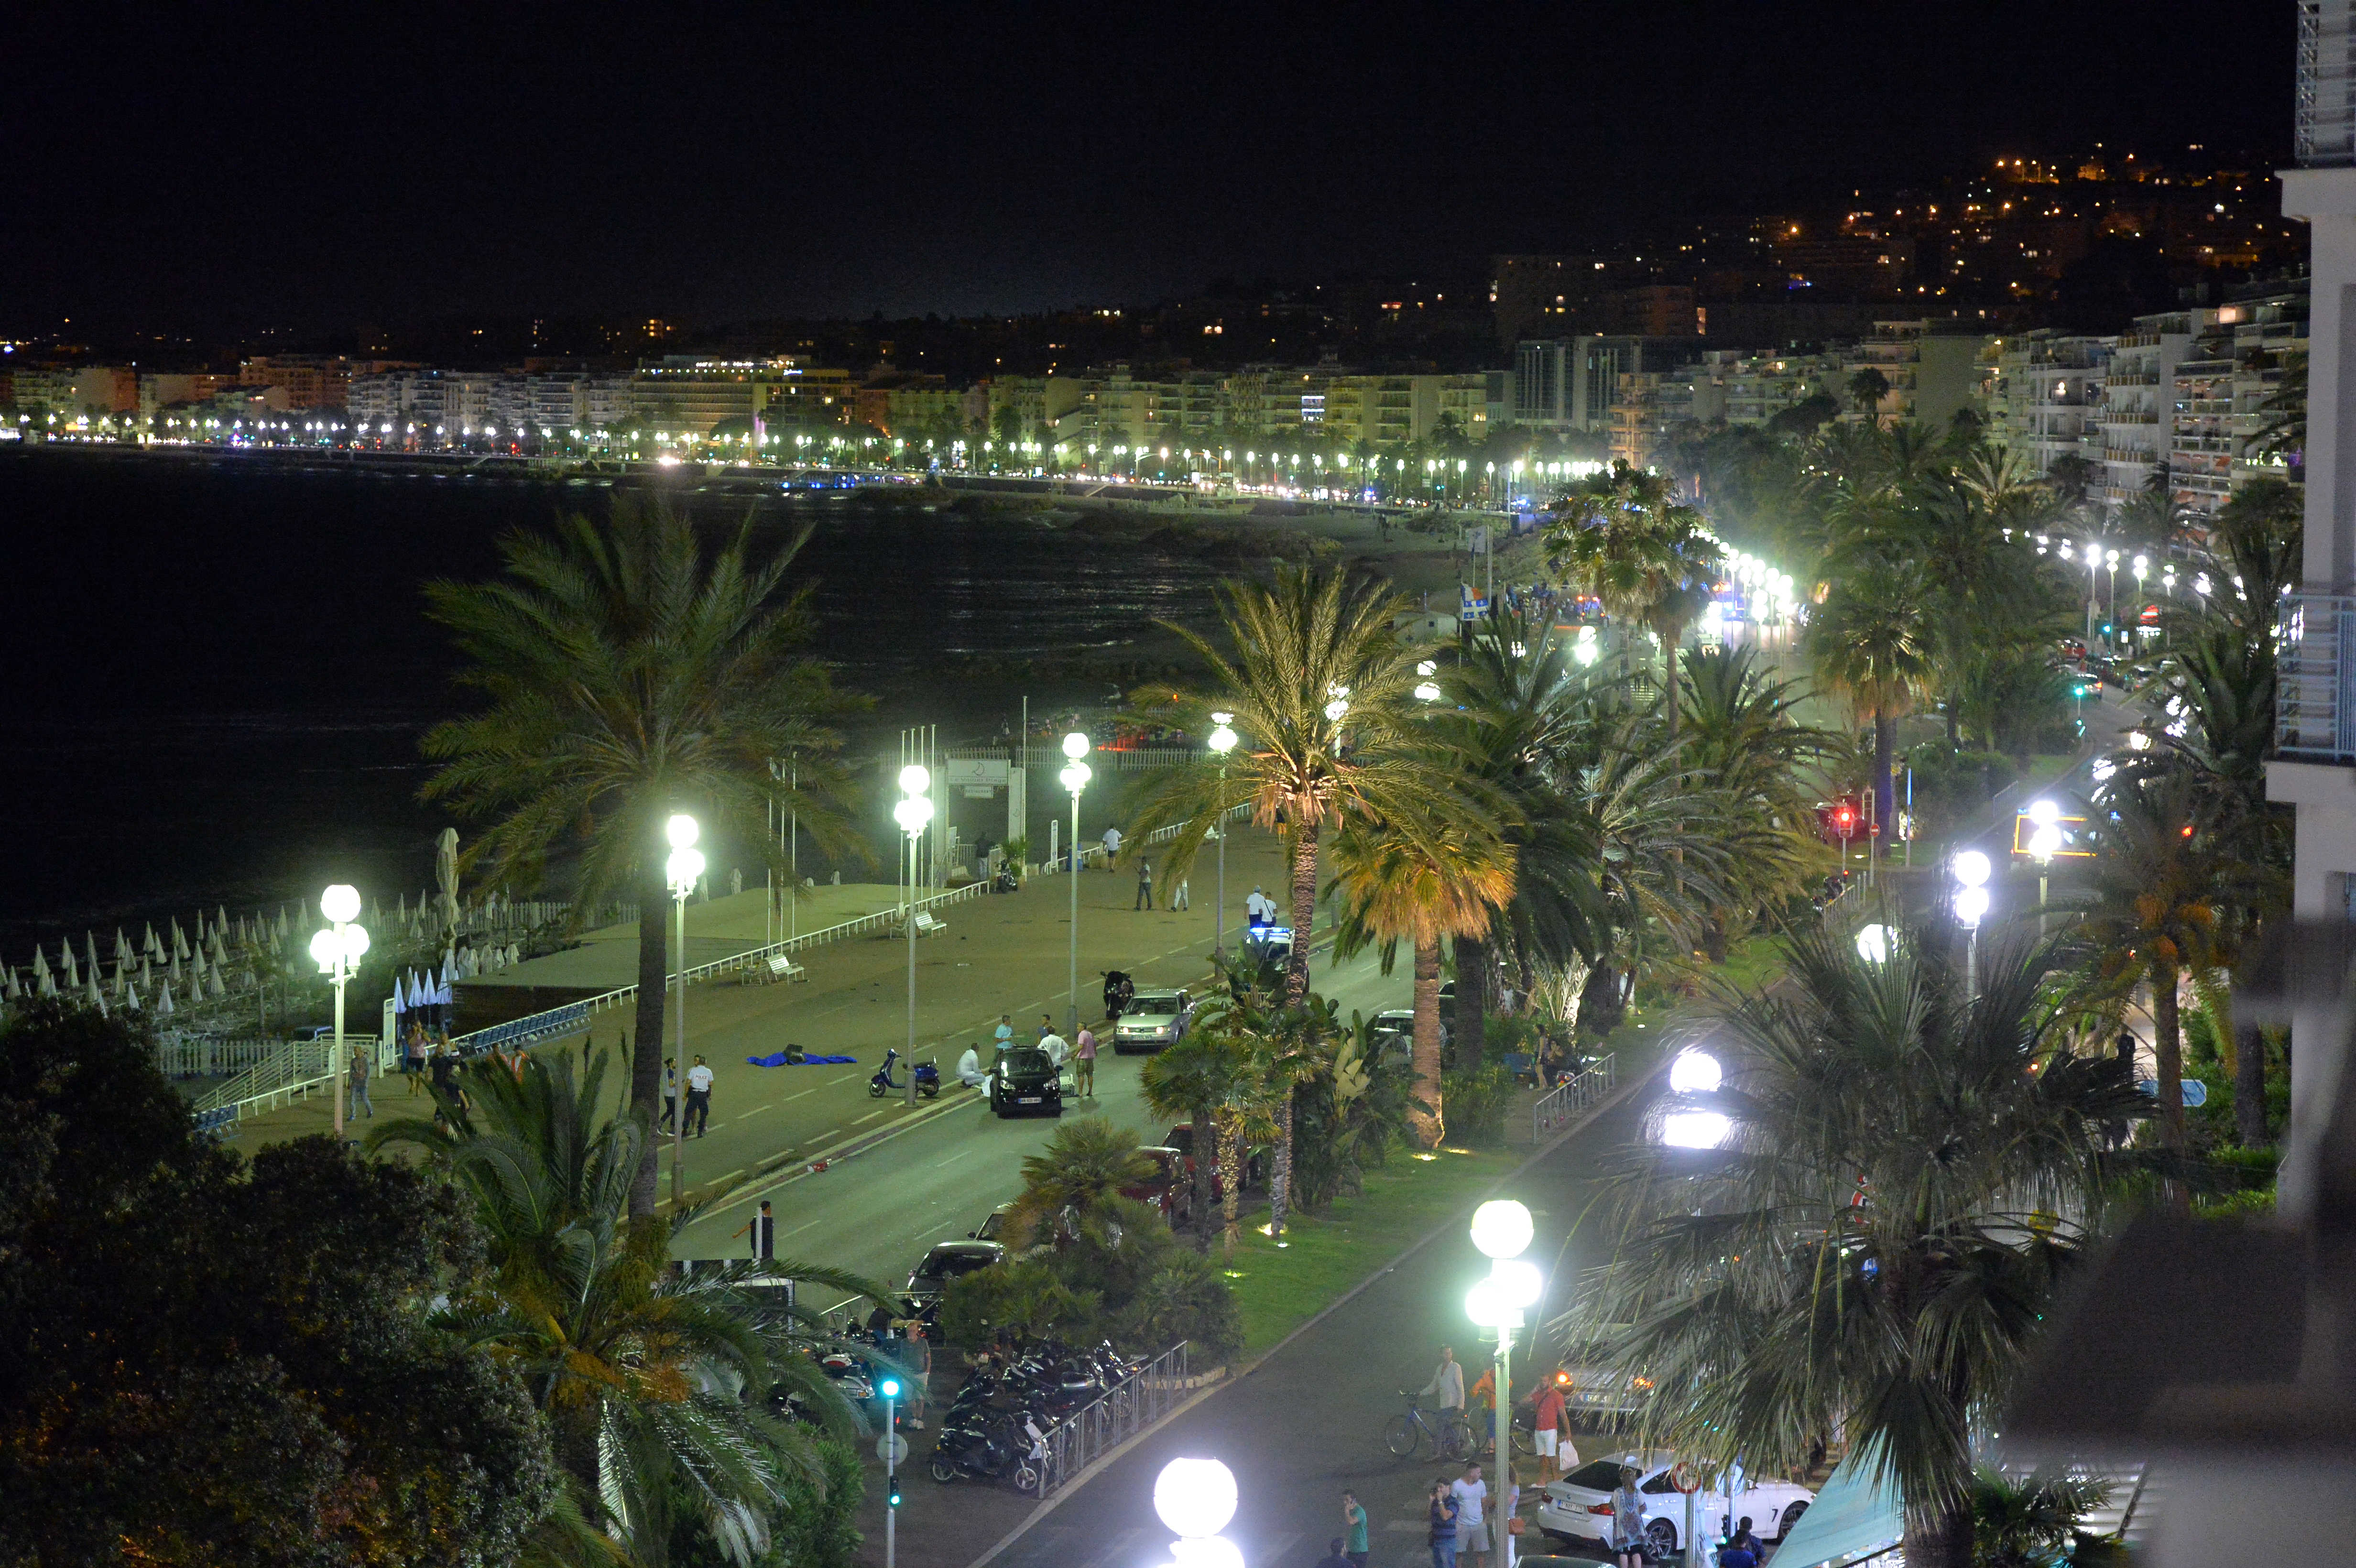 Strage sulla Promenade des Anglais a Nizza: camion sulla folla